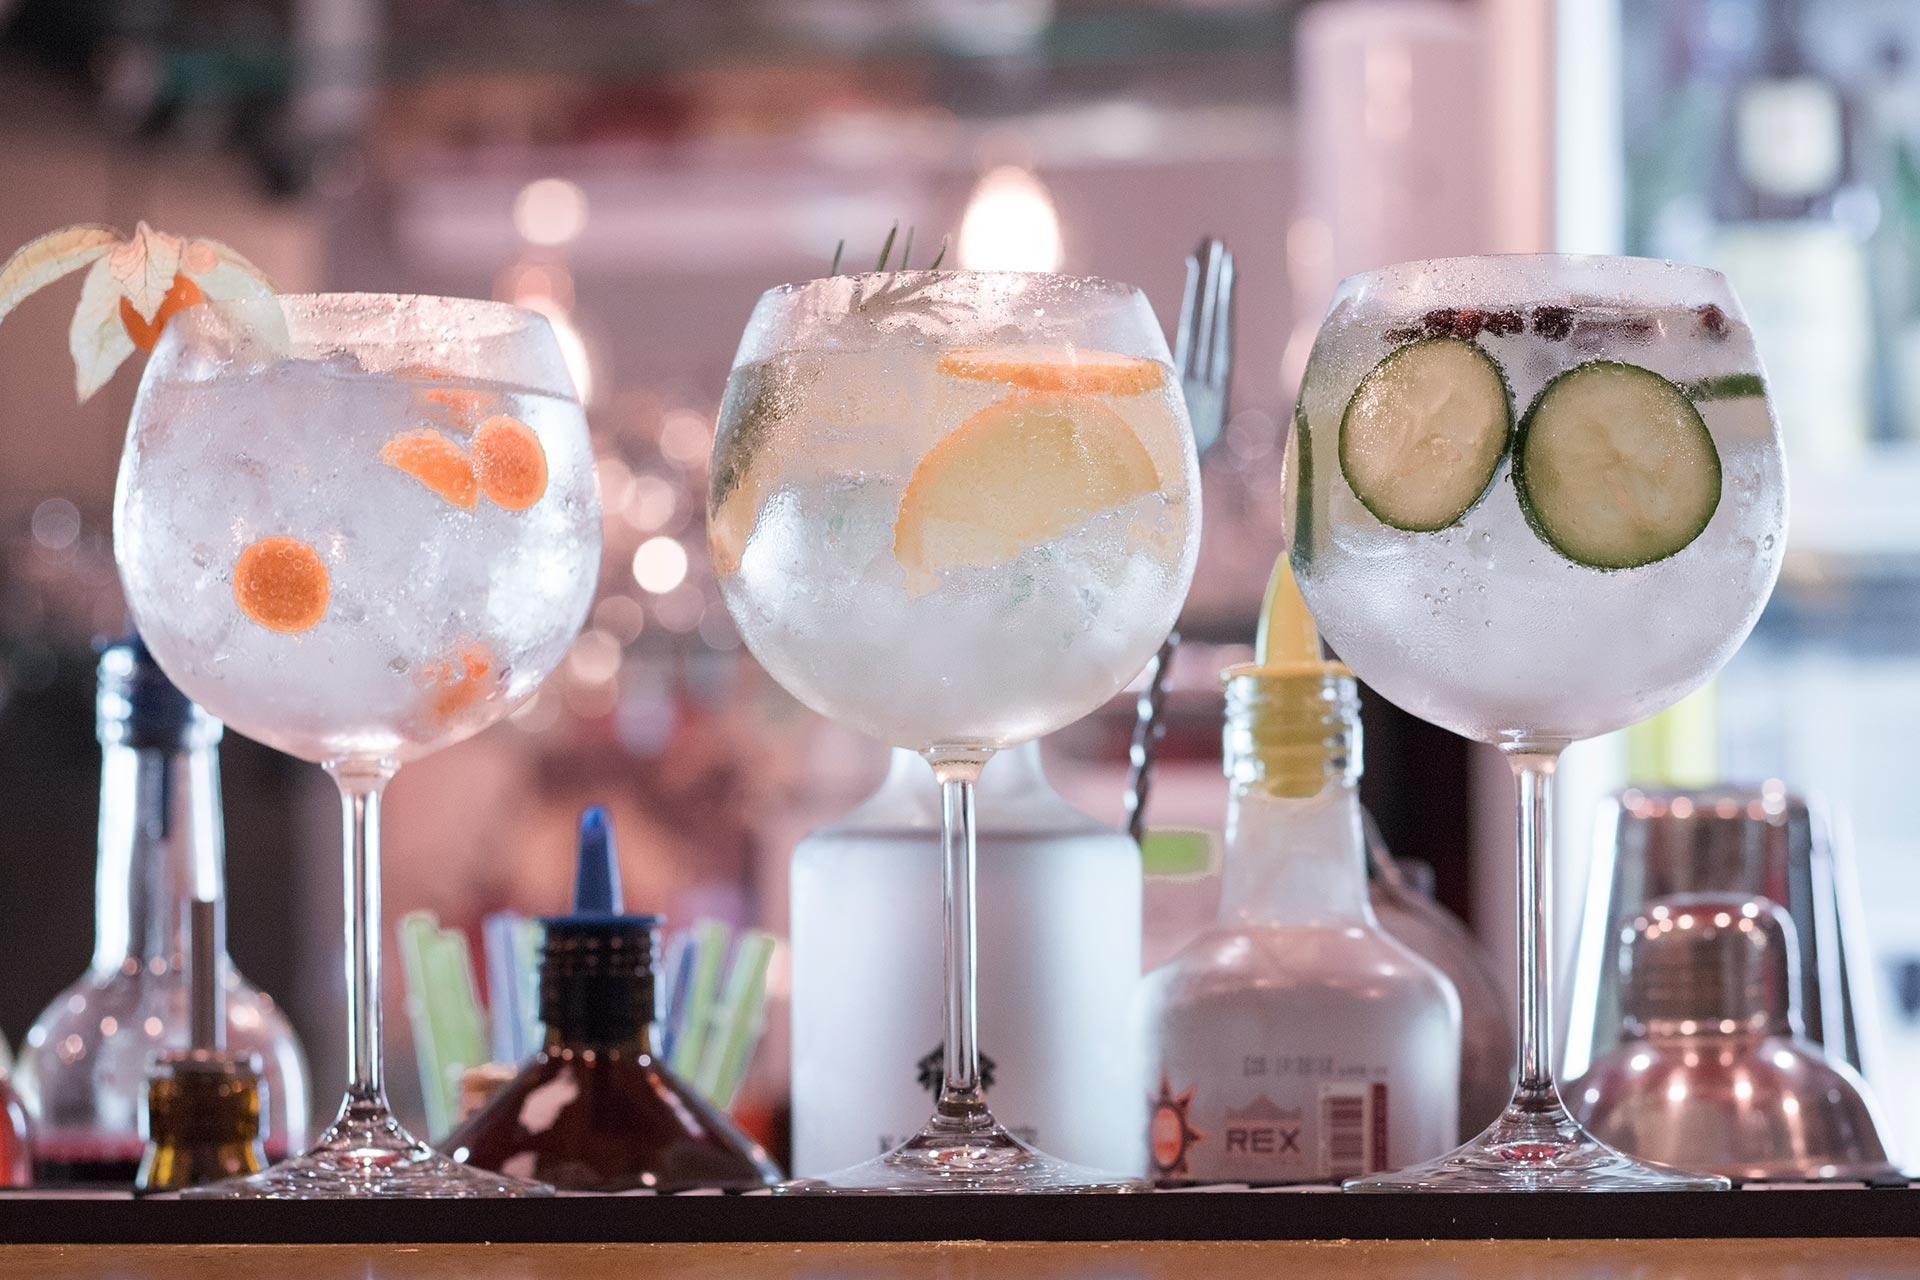 Imagem: Gelo picado ou flocado é ótimo para drinks! Foto: Renan Munhoz.